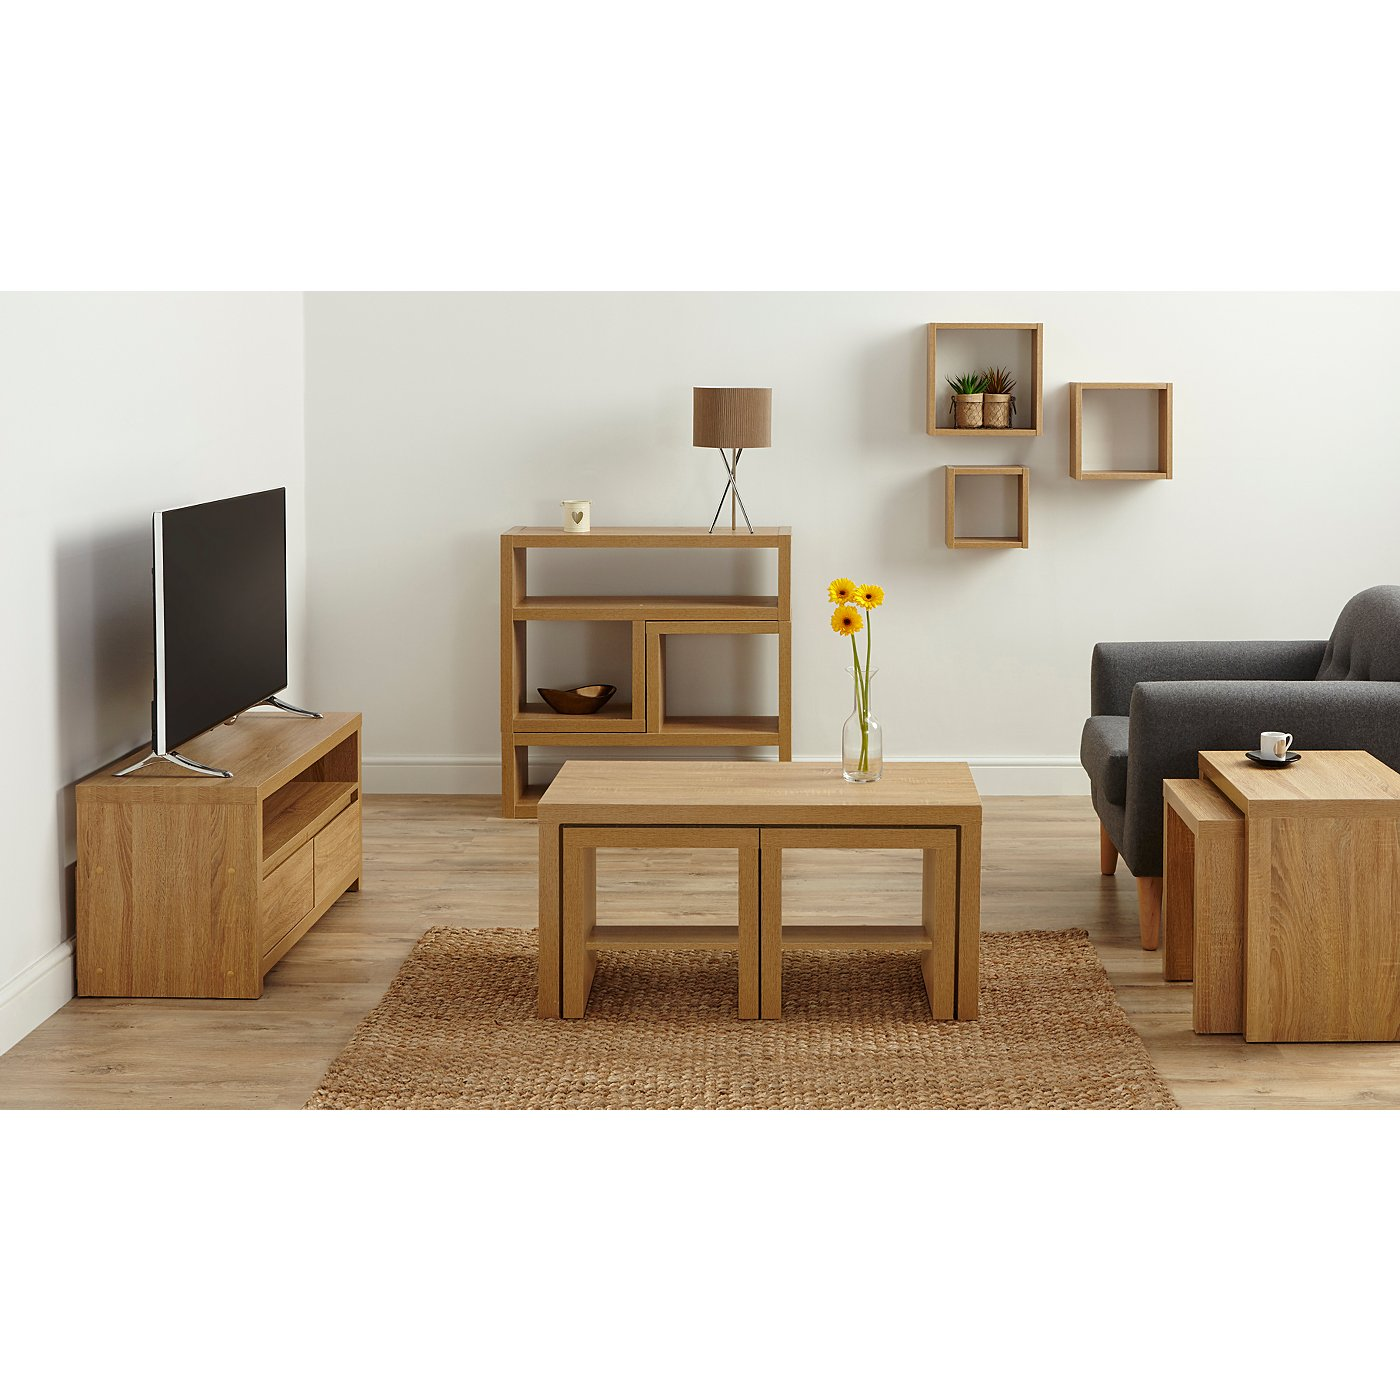 Oak Living Room Furniture Sets George Home Leighton Living Room Furniture Range Oak Effect